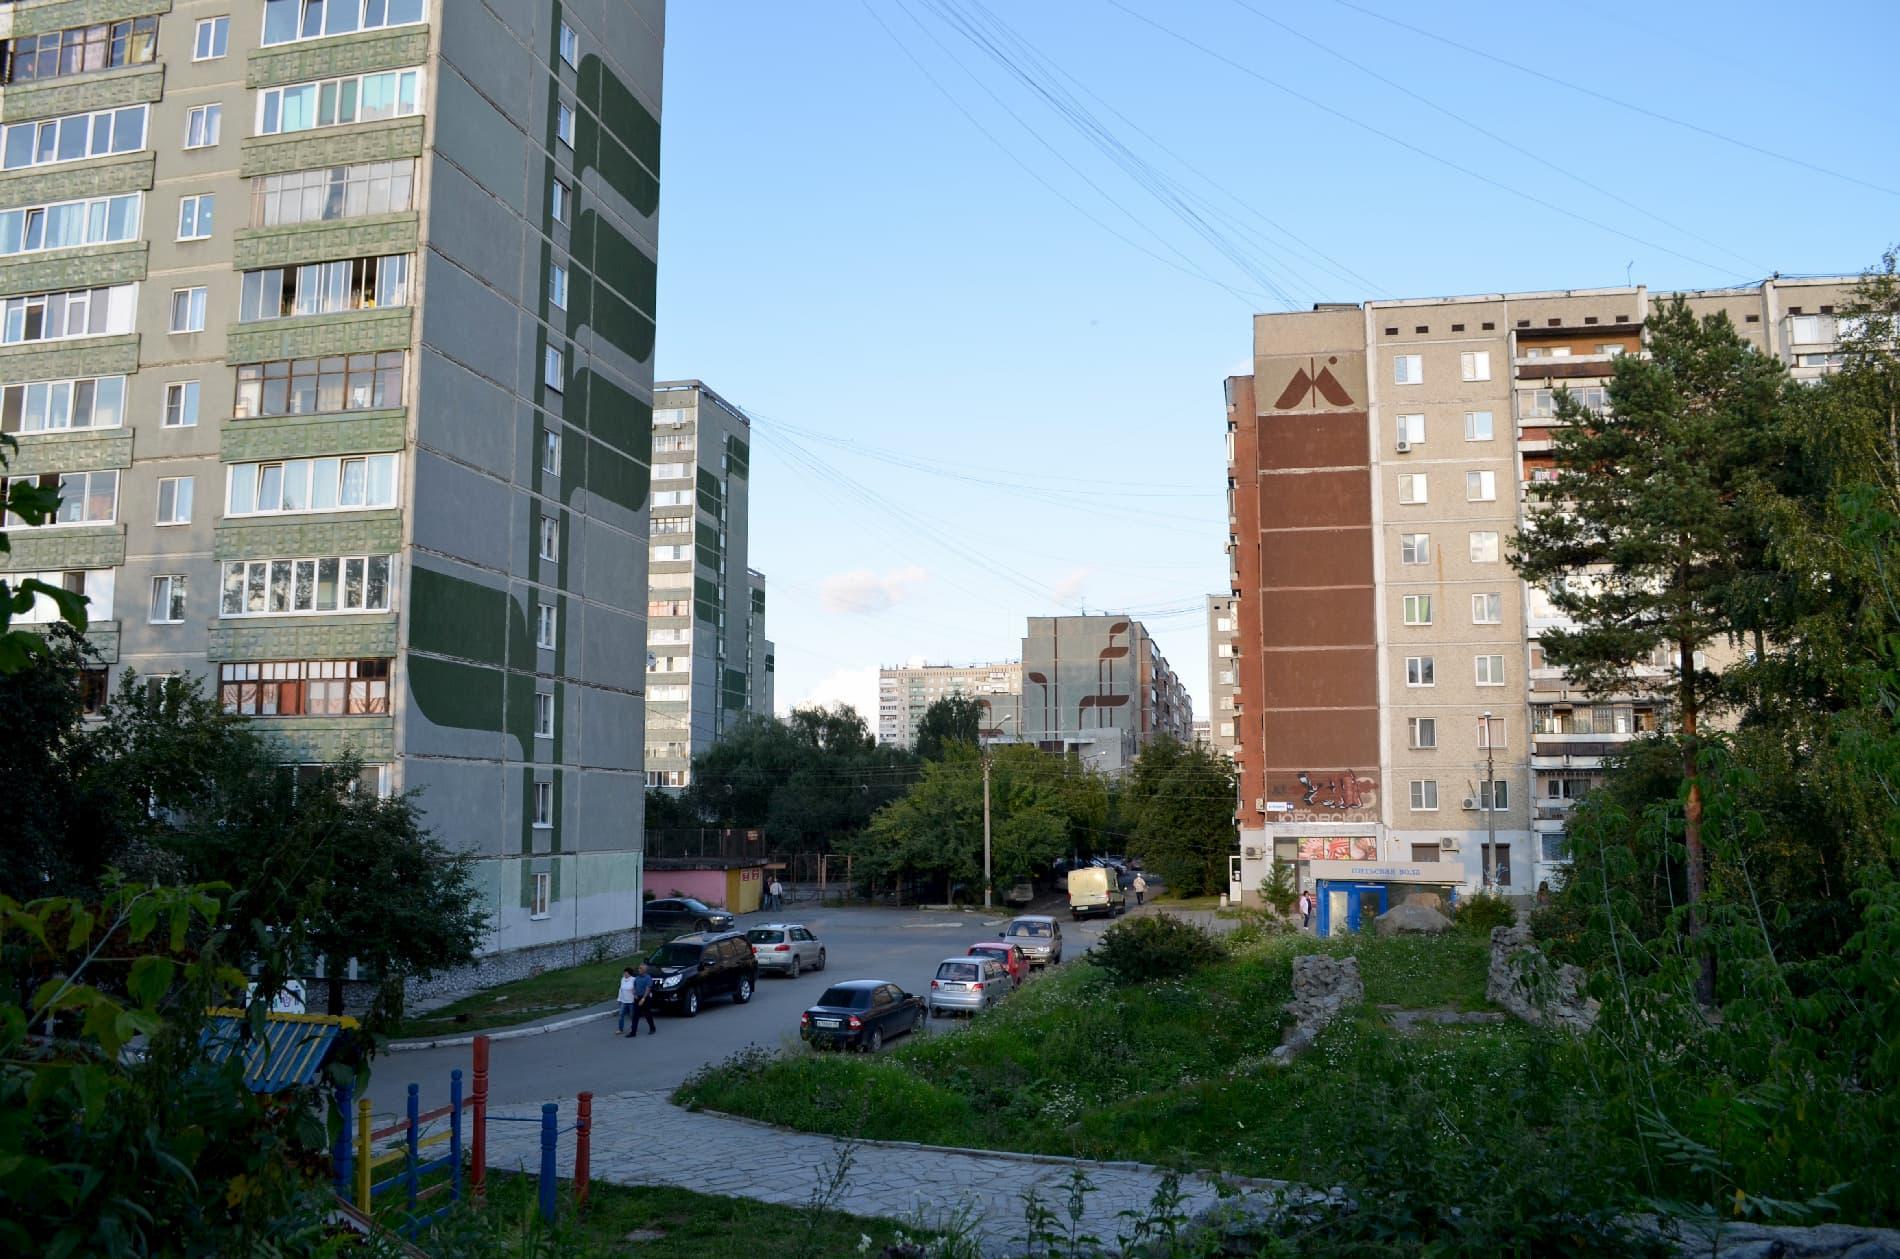 Обычный двор МЖК. Фото Митрохиной Марины